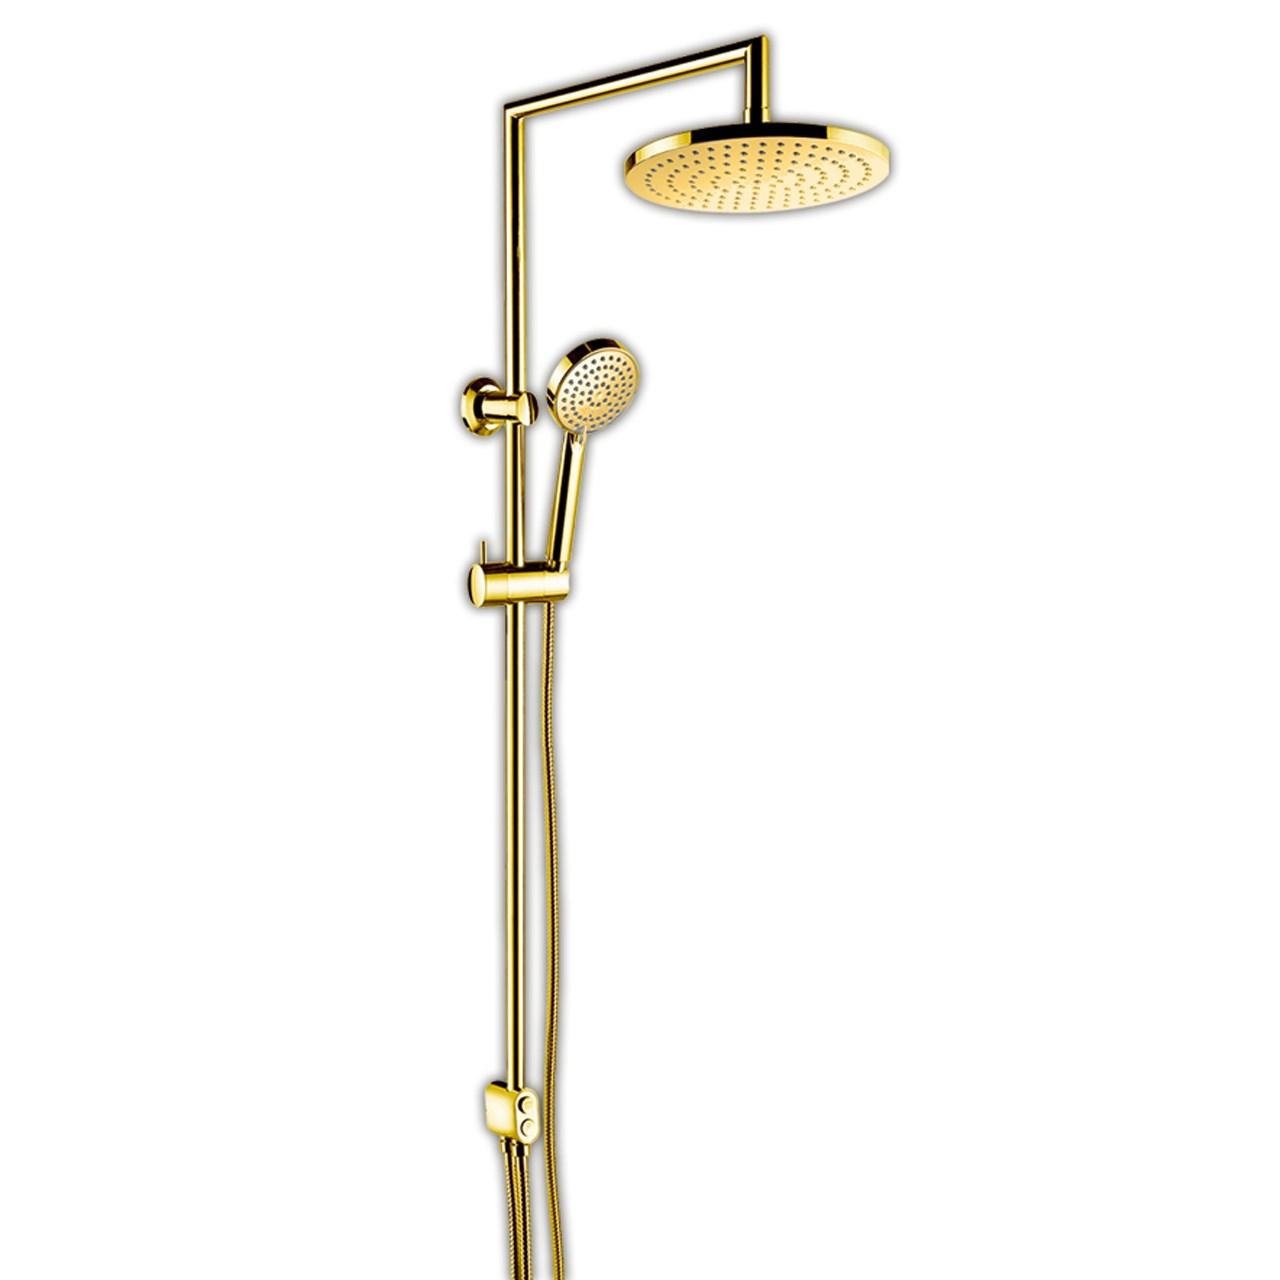 دوش حمام ملودی مدل اسمارت طلایی